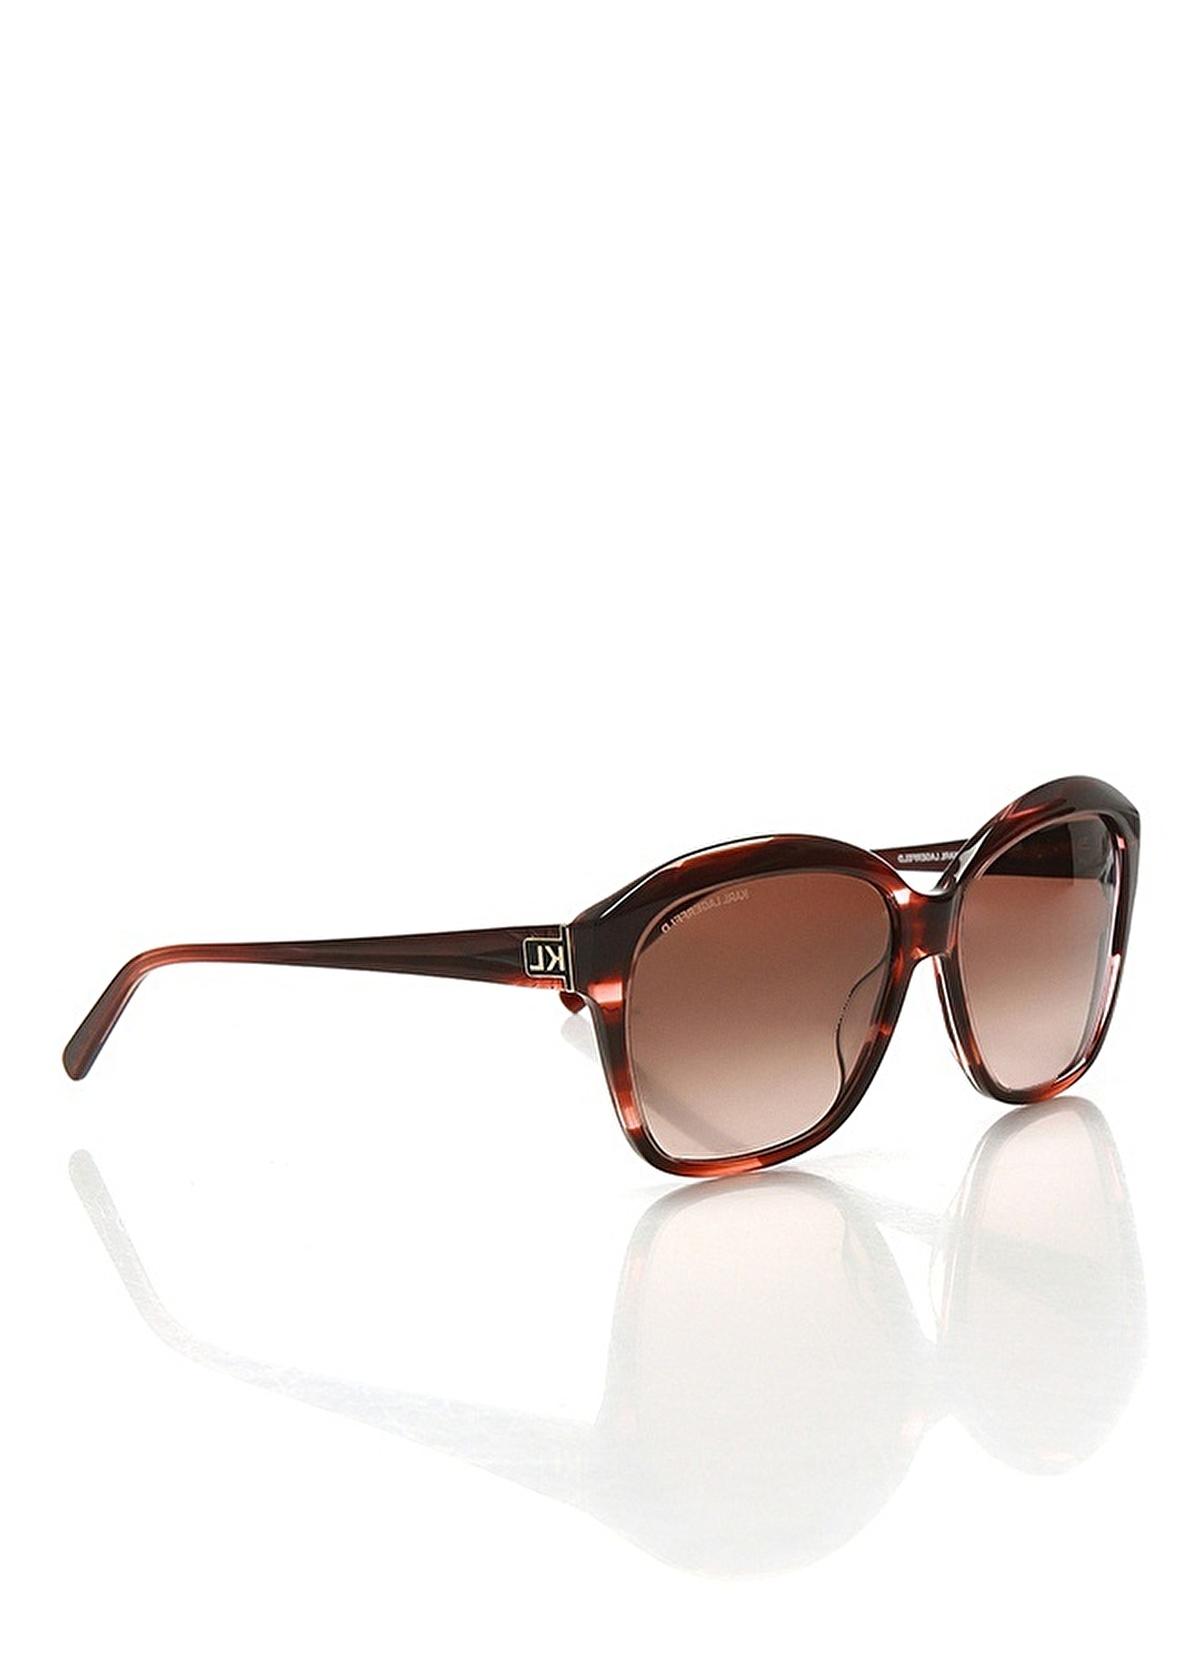 Karl Lagerfeld Güneş Gözlüğü Kl 779 131 Gözlük – 388.99 TL